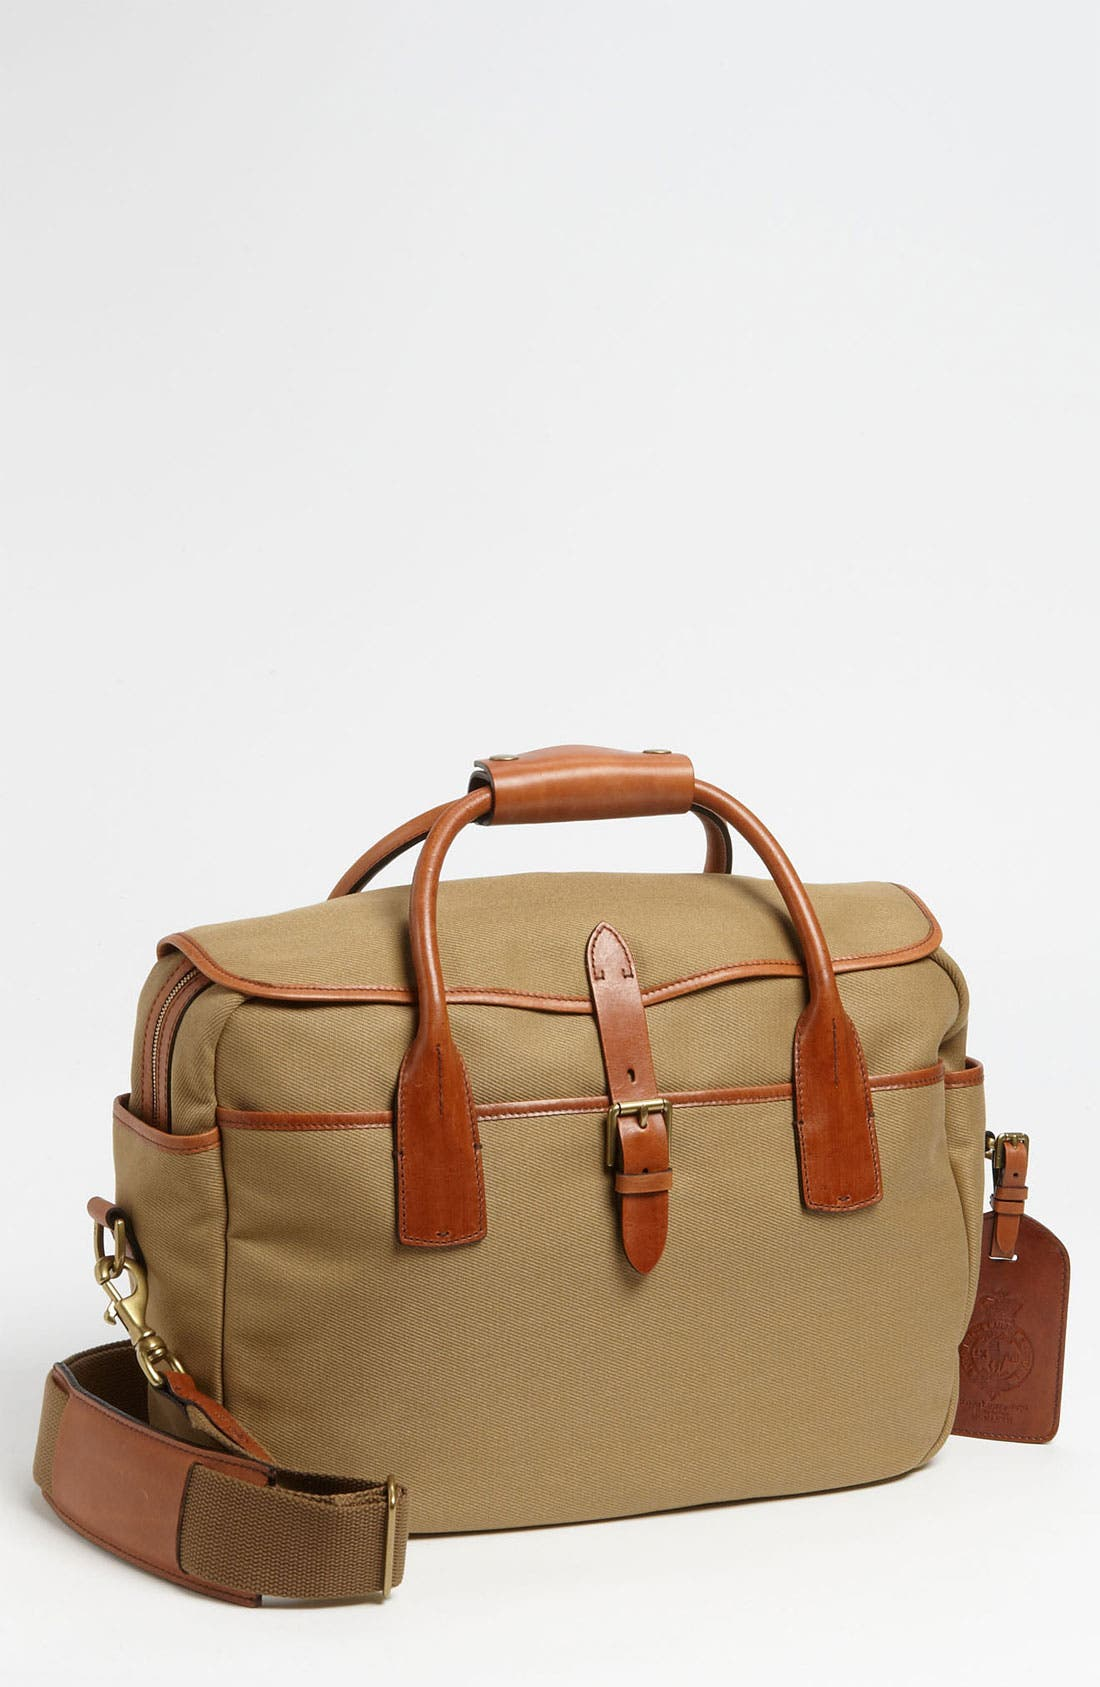 POLO RALPH LAUREN Canvas Commuter Bag, Main, color, 270